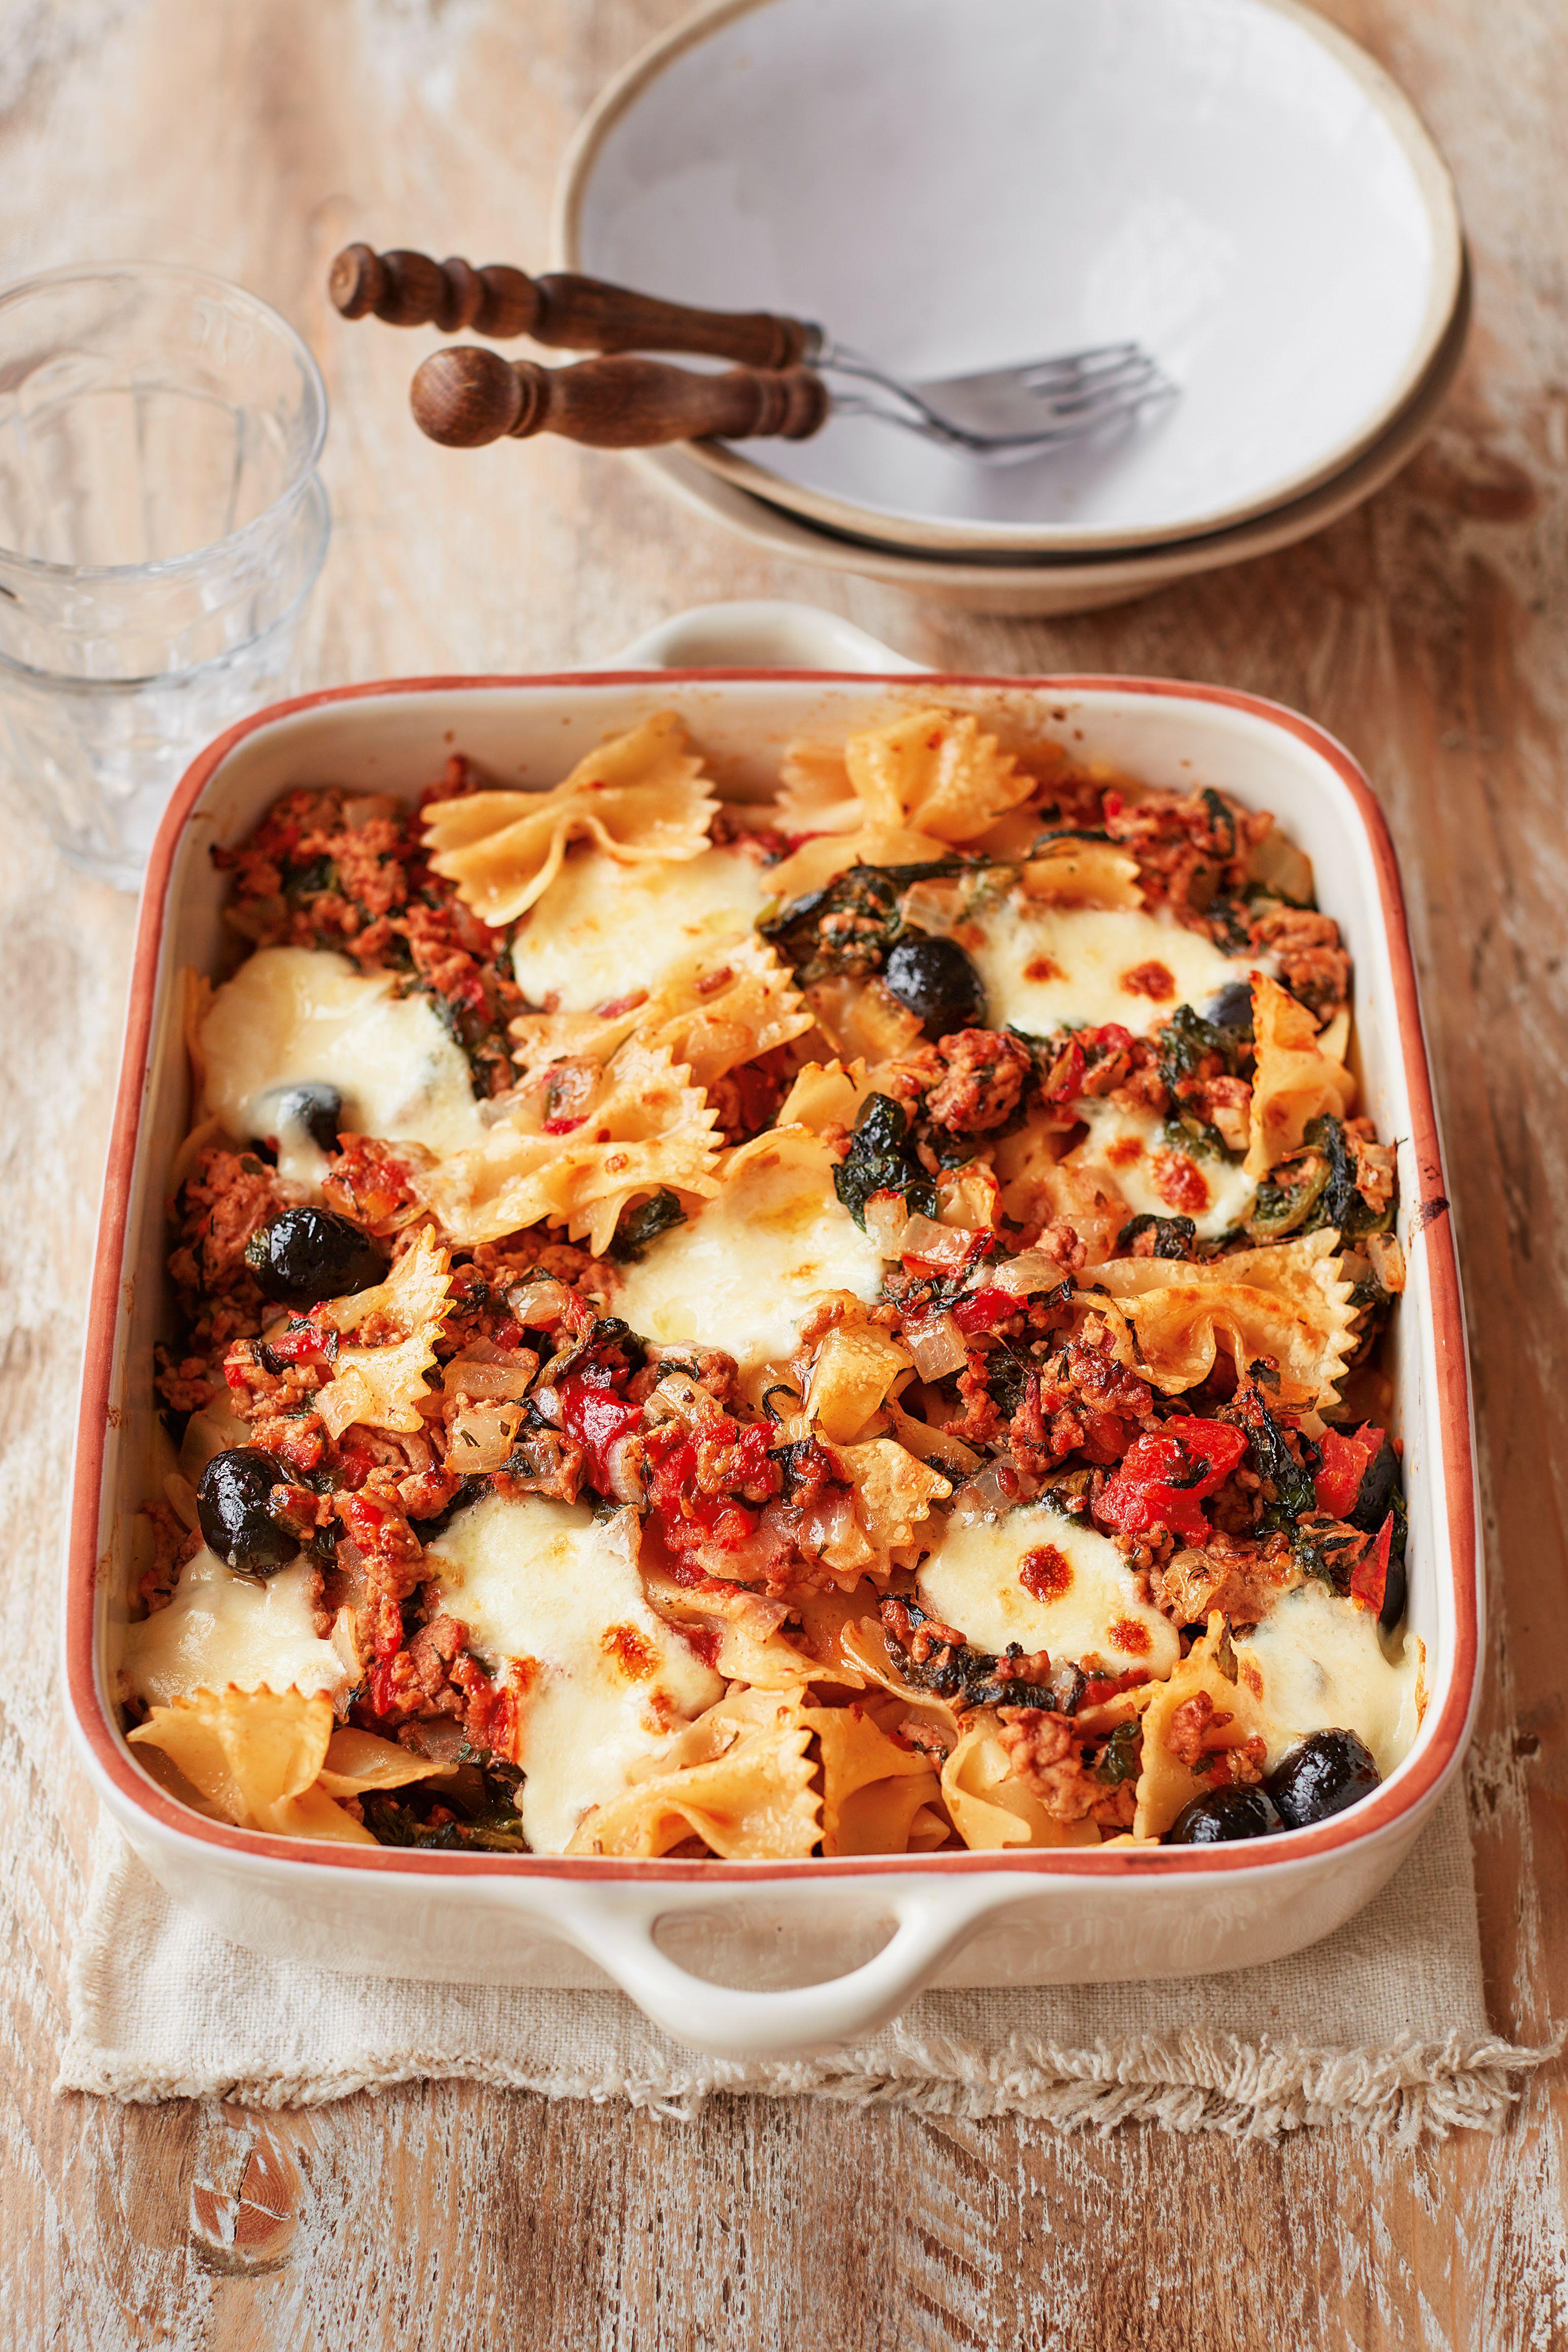 Pasta Bake Recipe Pasta Recipes Tesco Real Food Recipe Mince Recipes Dinner Lamb Mince Recipes Mince Recipes